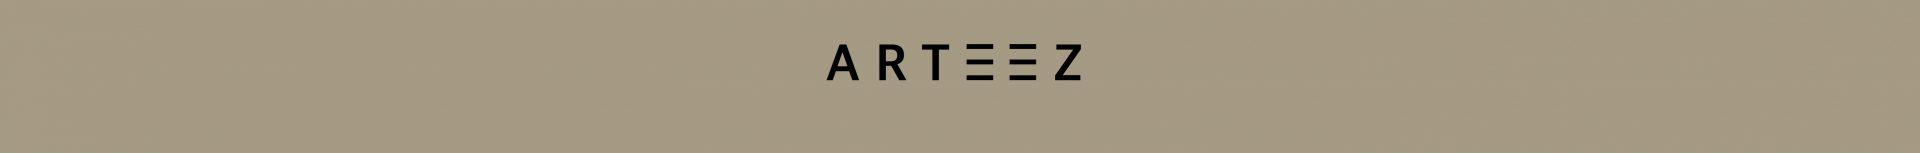 cropped-arteez_logo_noir_fondbeige.jpg